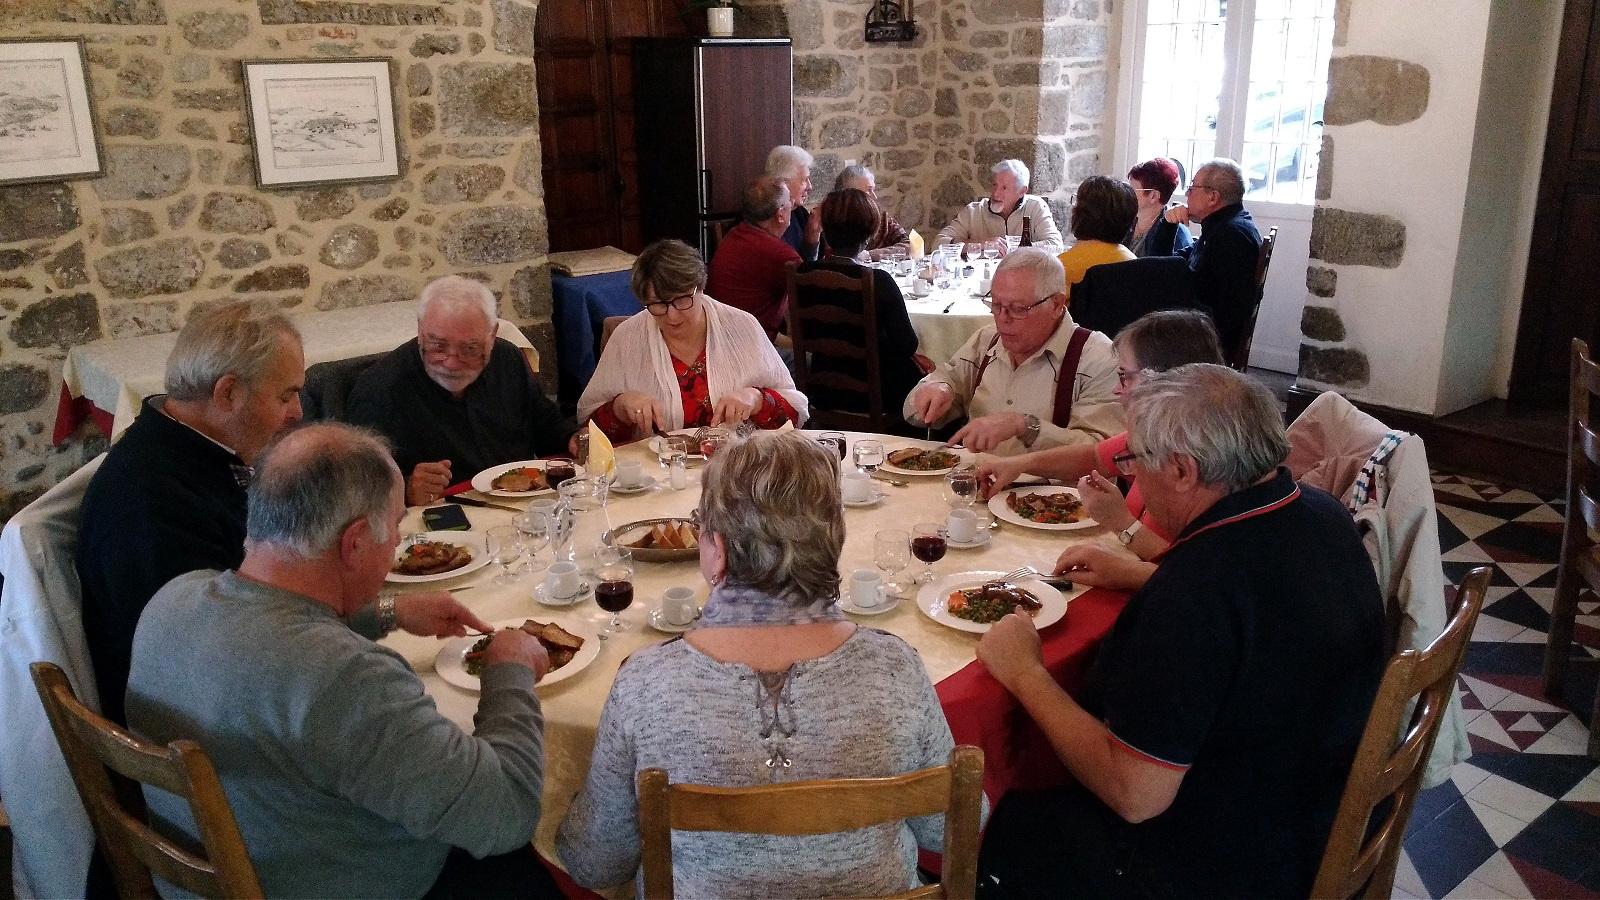 Les arpètes Bretons fêtent la Saint Eloi 62